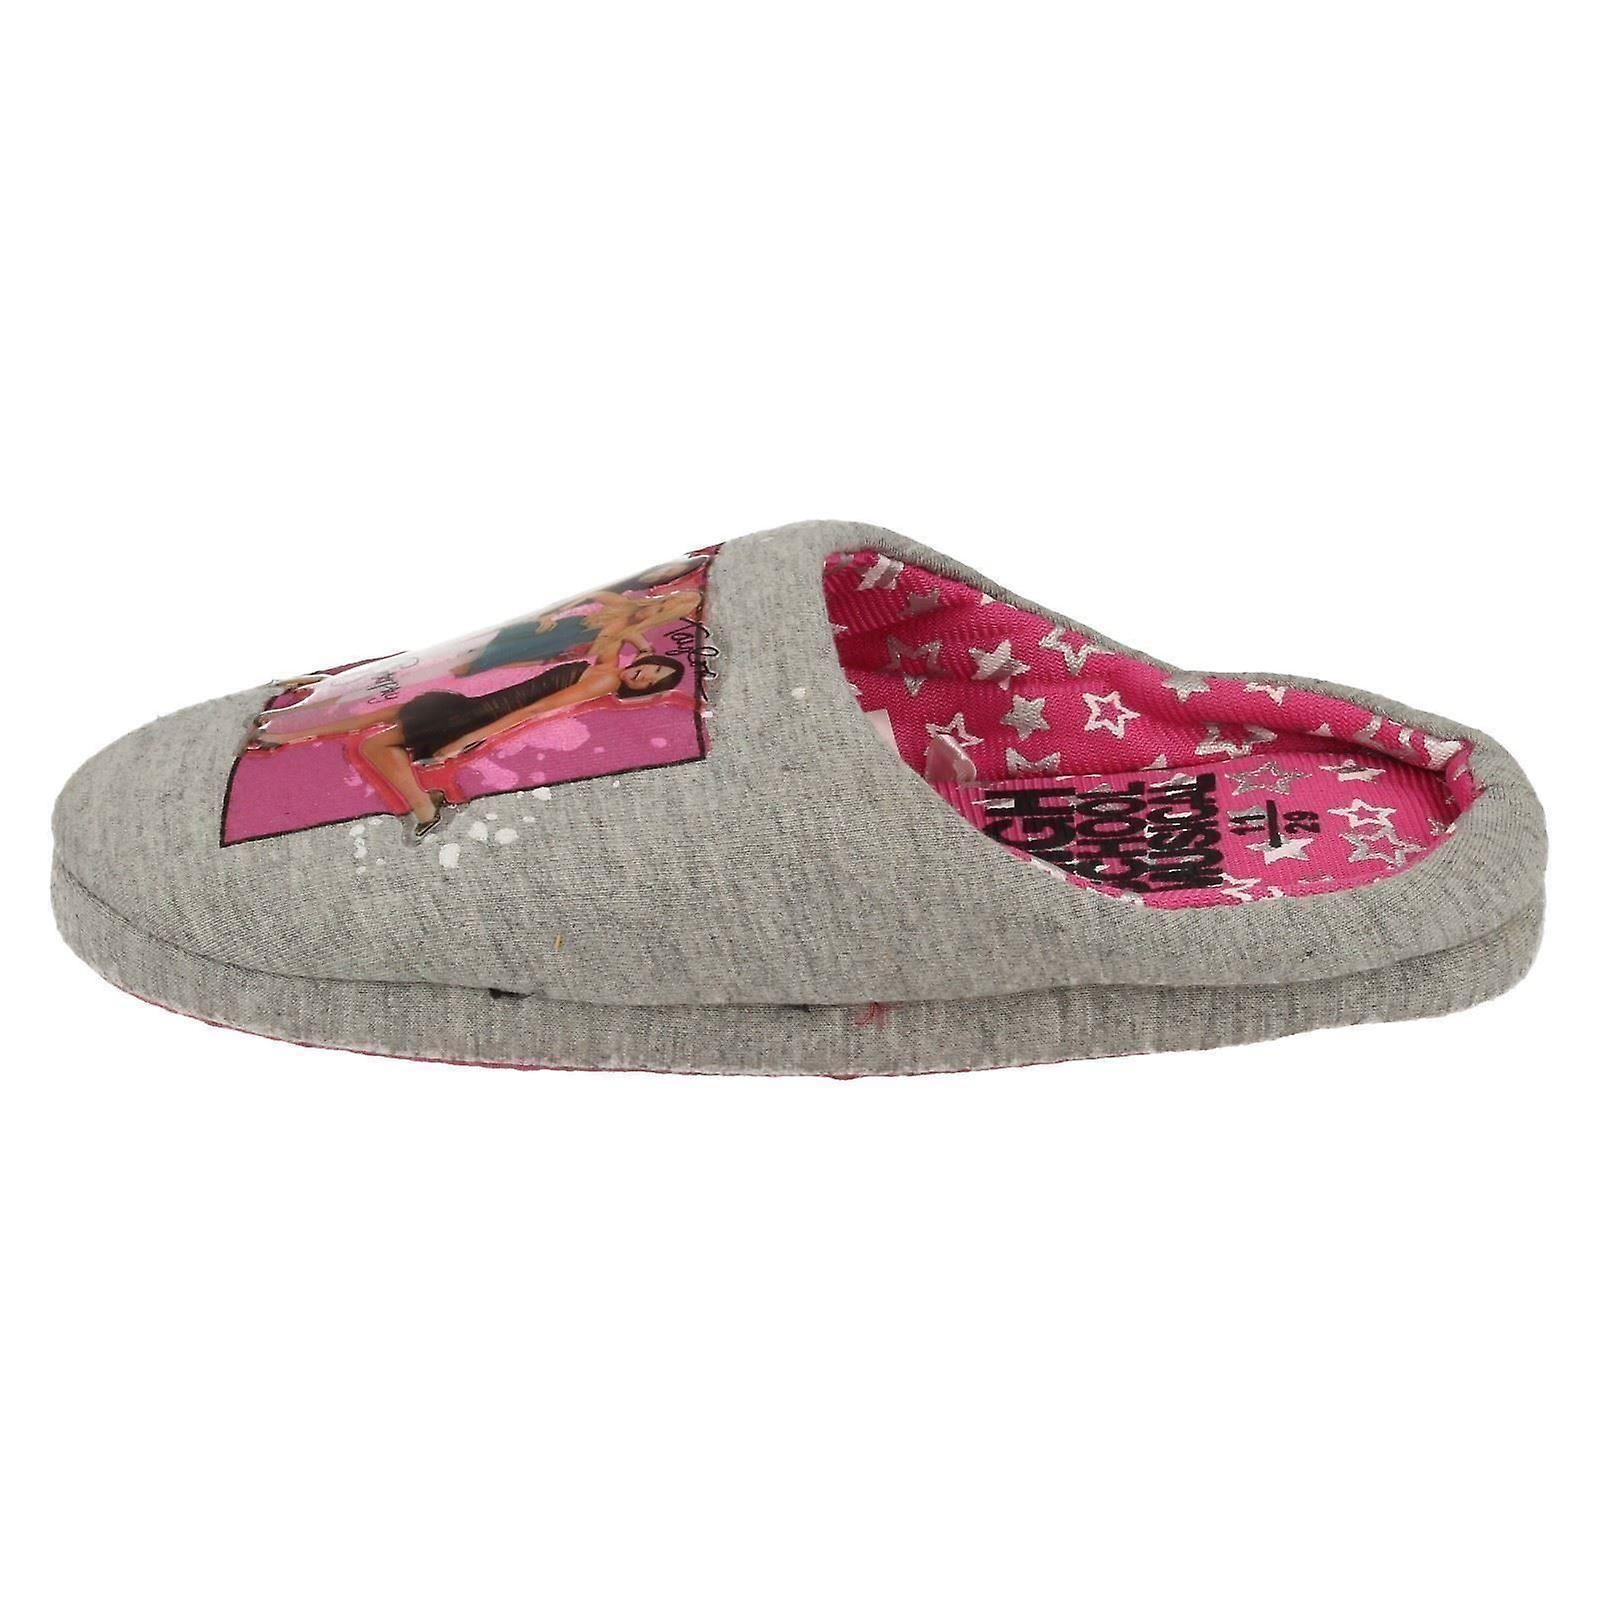 Girls Spot On Slip On High School Musical Mule Slippers